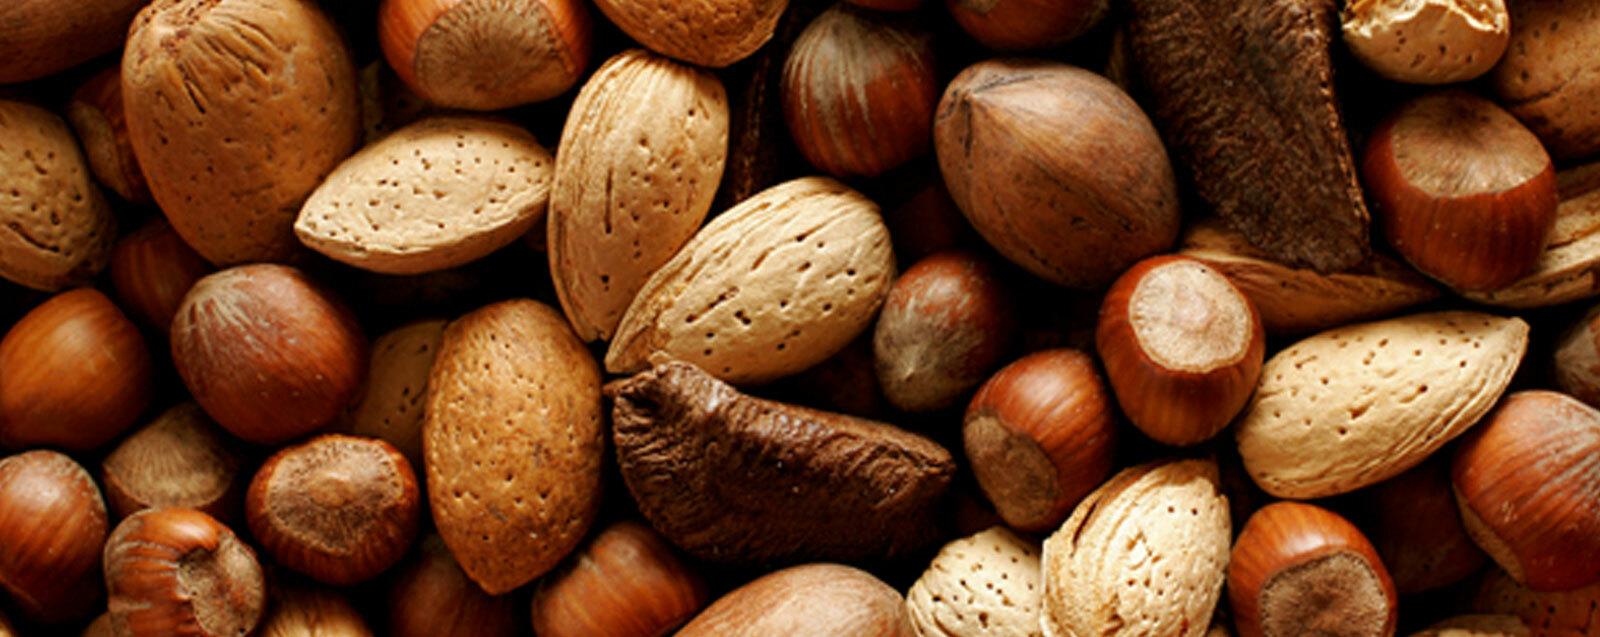 frutos-secos-boren